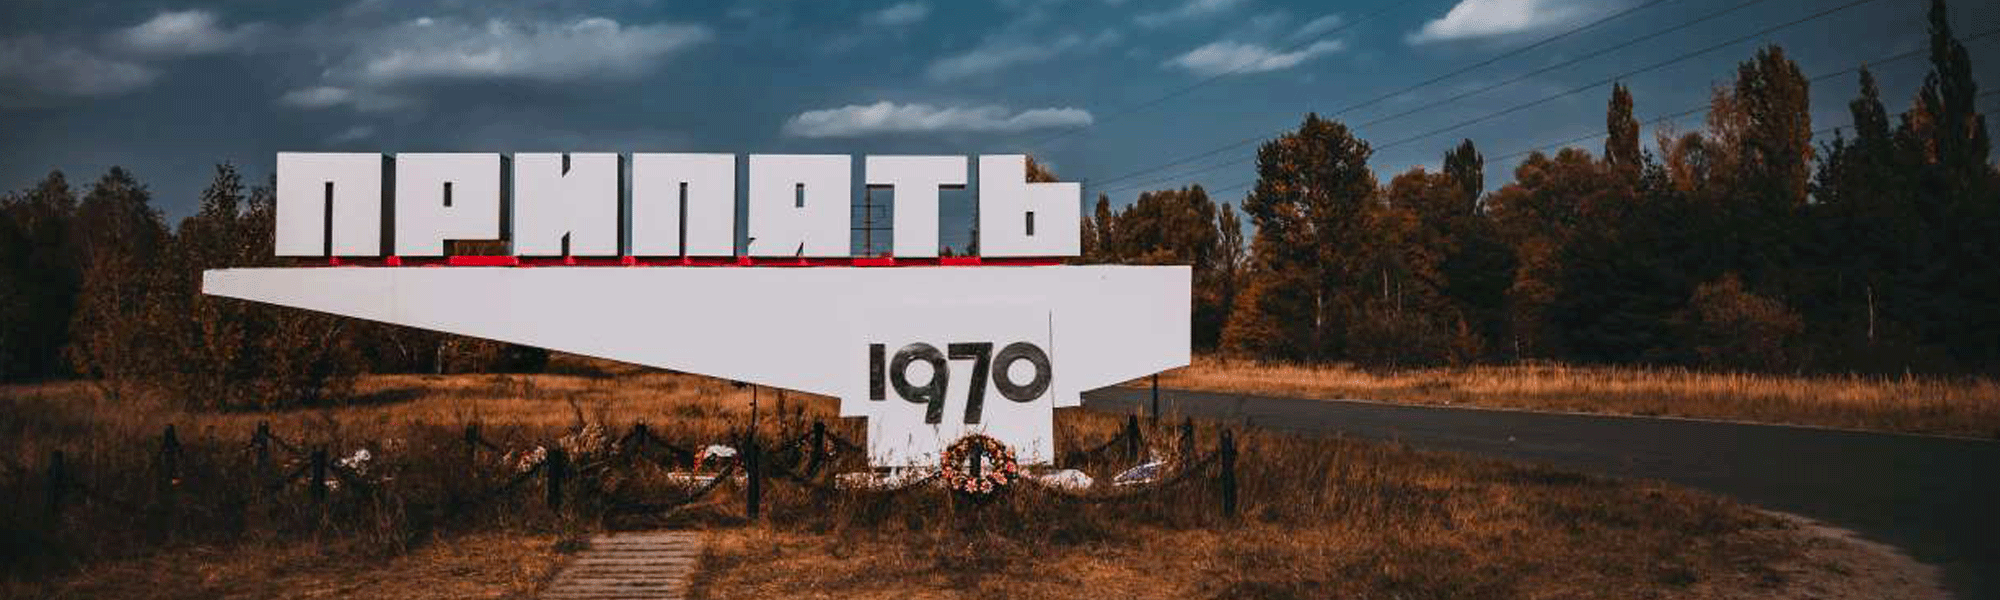 visite tchernobyl centrale nucléaire